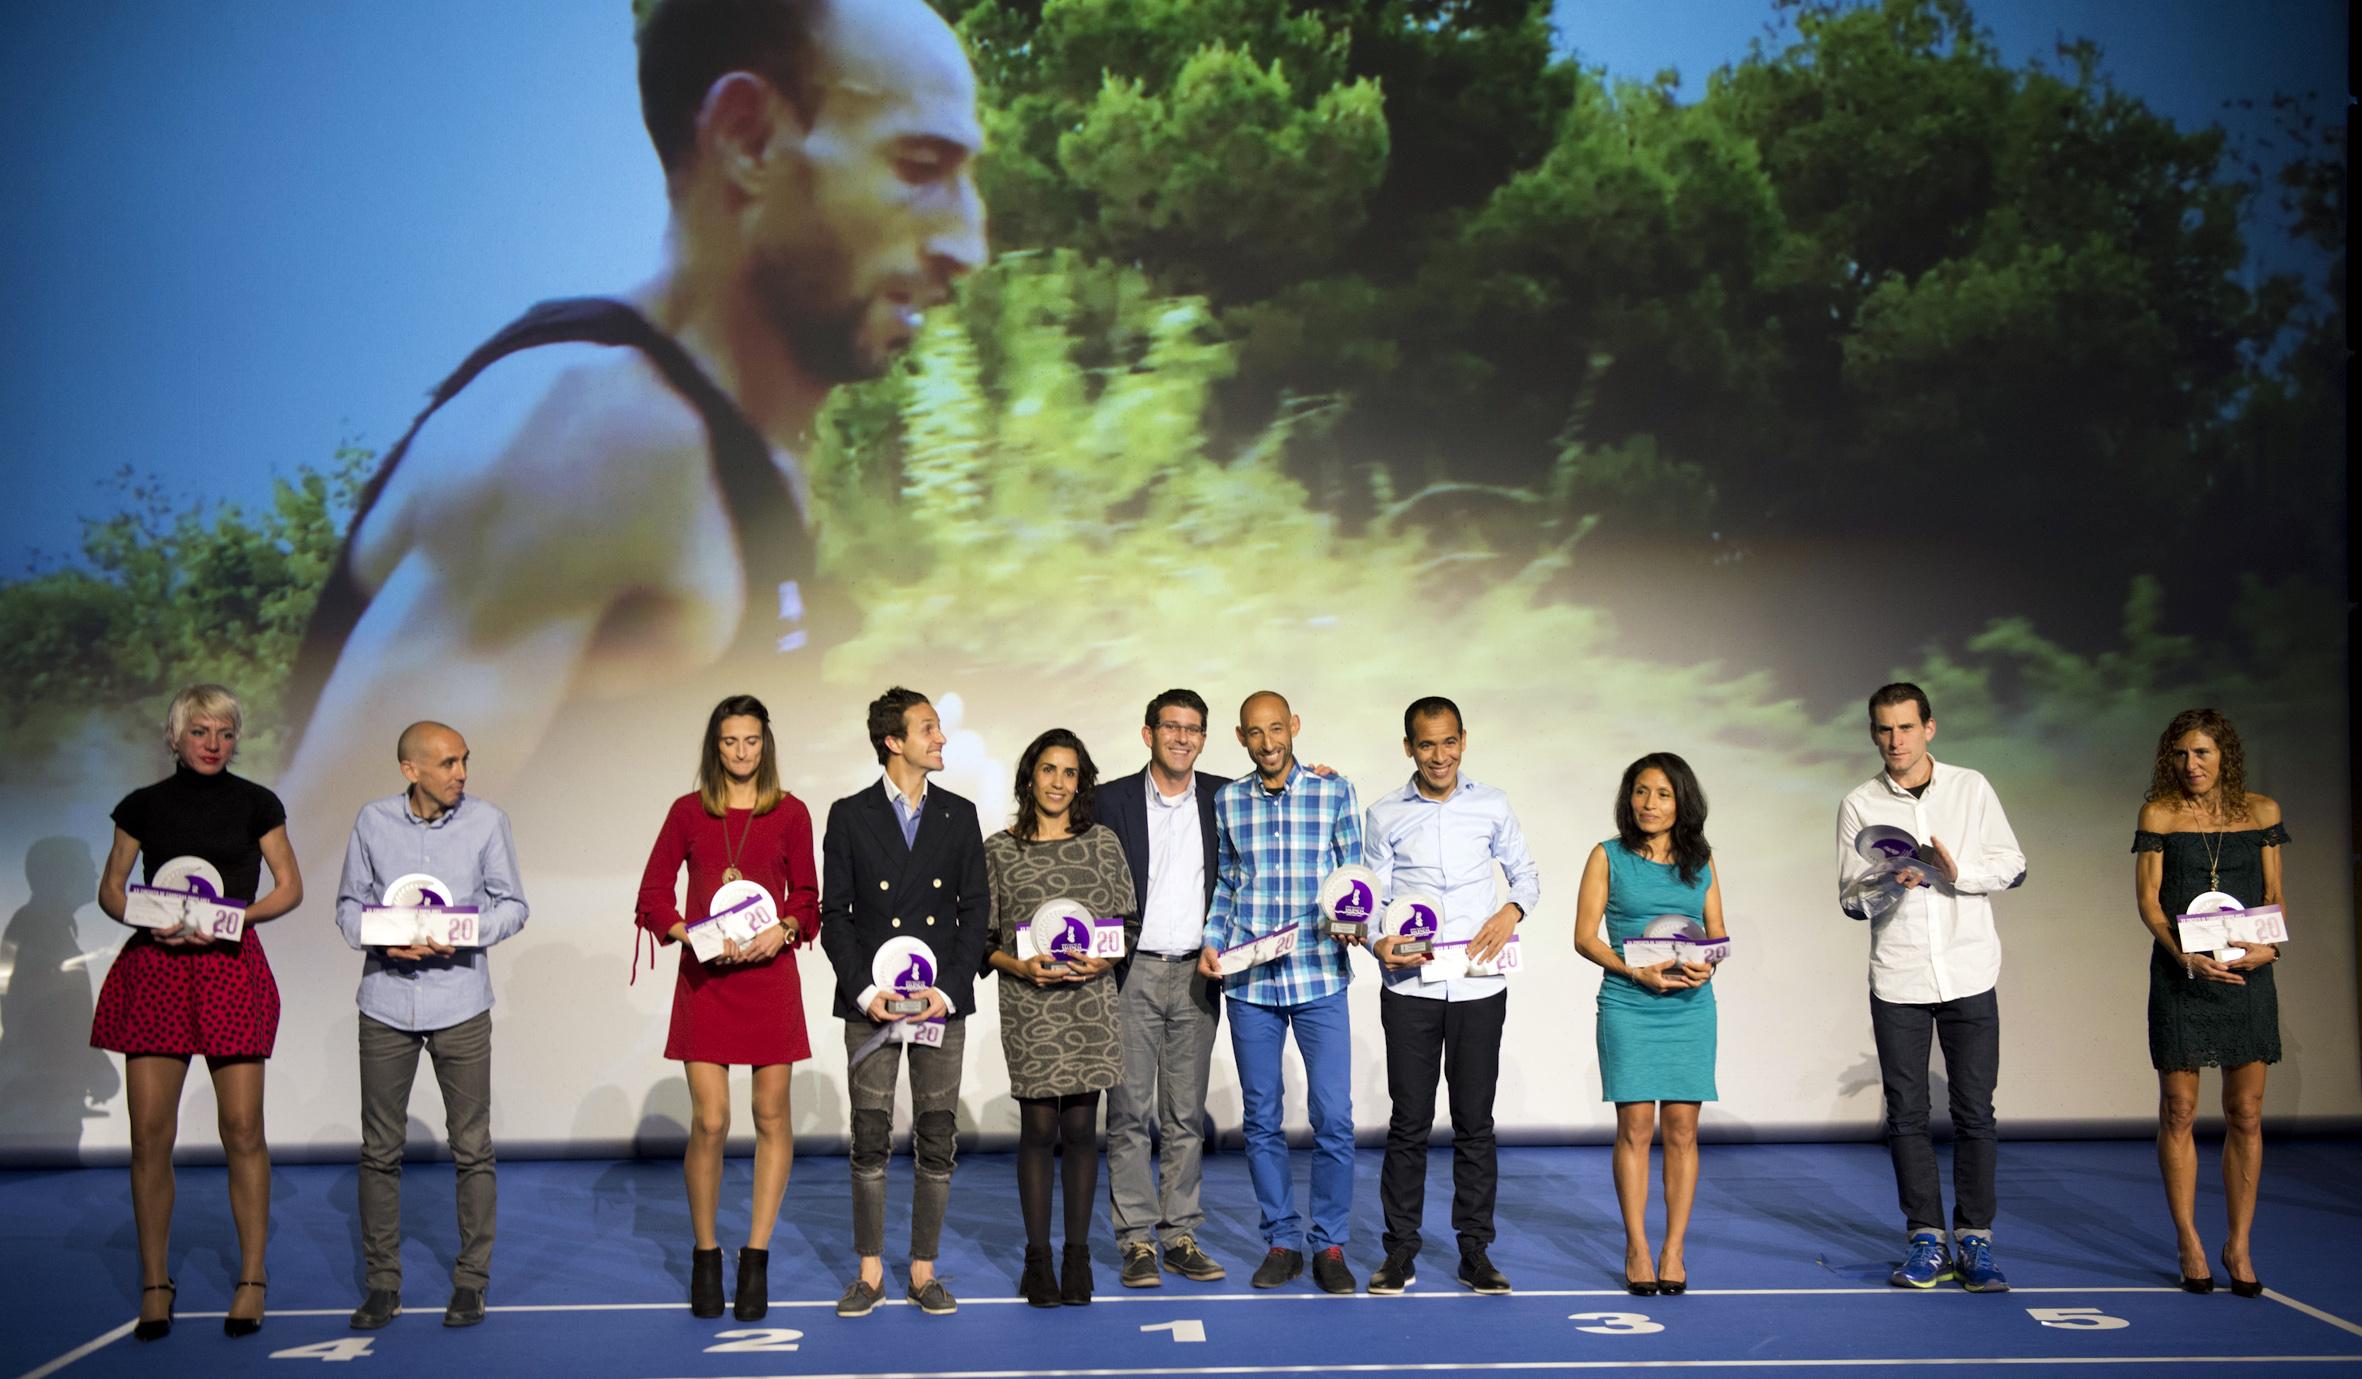 La vigésima edición de este circuito provincial finaliza con un 25% de participación femenina, 447 'finishers' y el triunfo de Hassane Aouchar en hombres y Fàtima Ayachi en mujeres